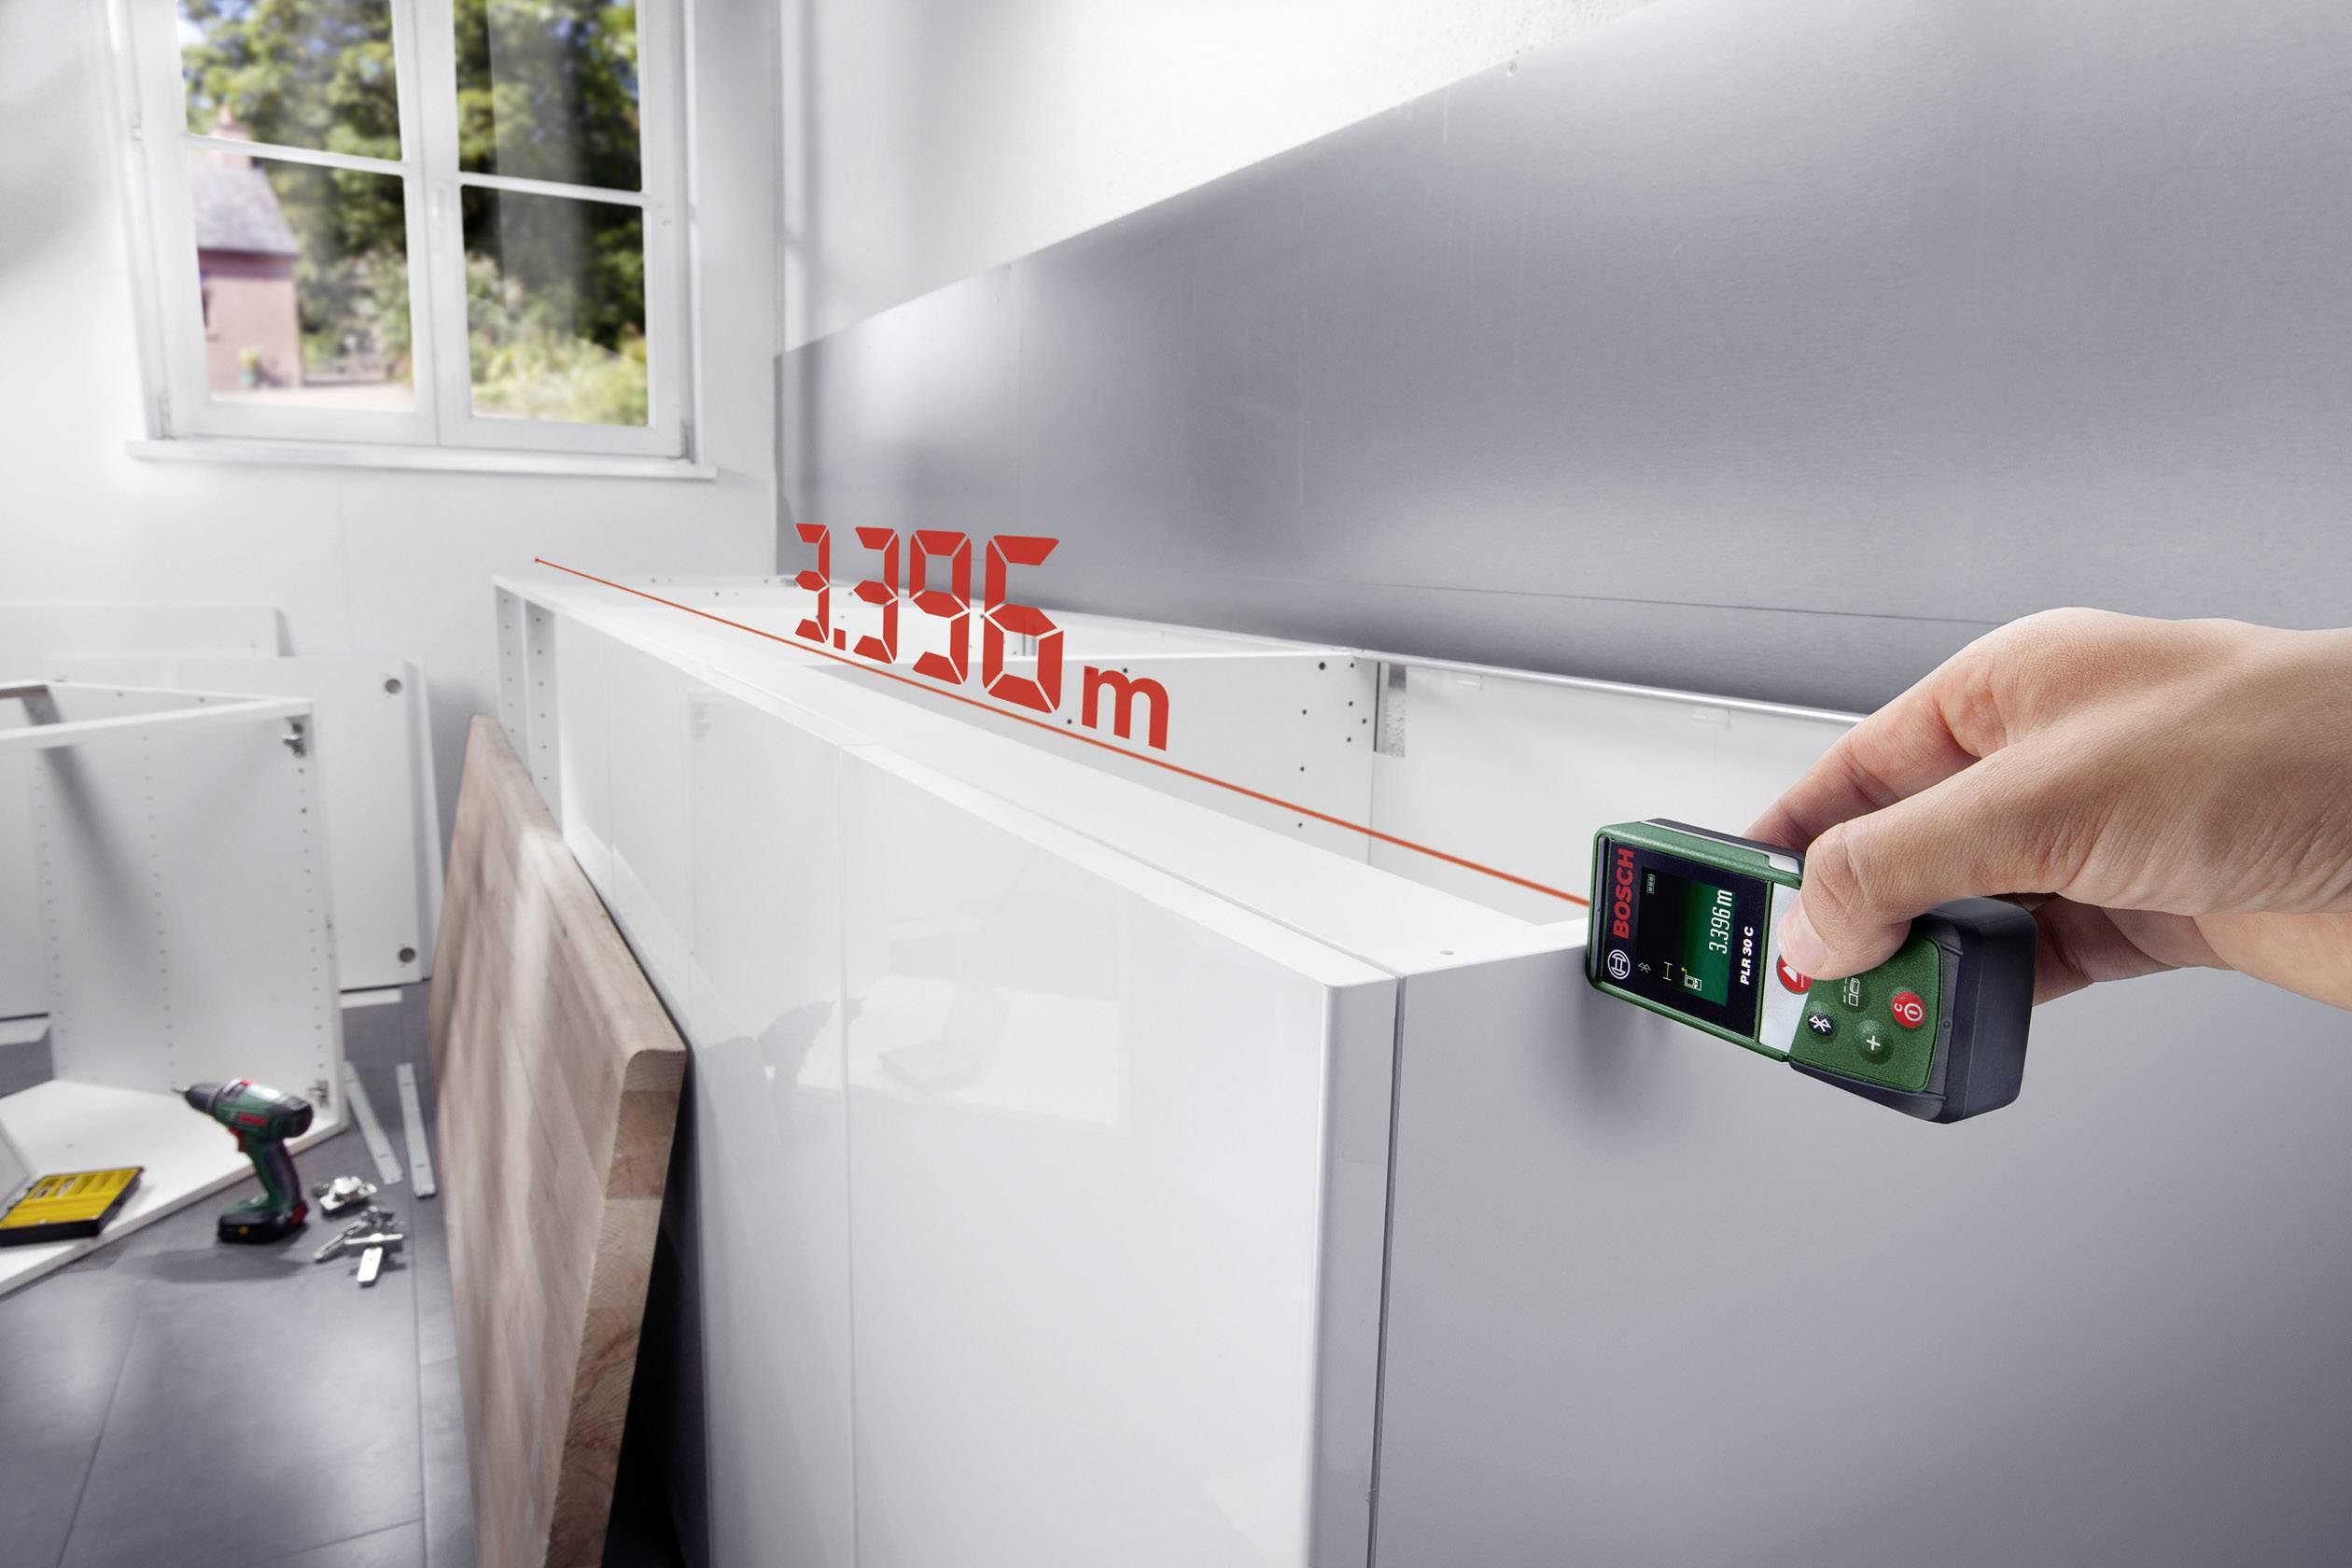 Bosch Laser Entfernungsmesser Conrad : Bosch home and garden plr c laser entfernungsmesser bluetooth